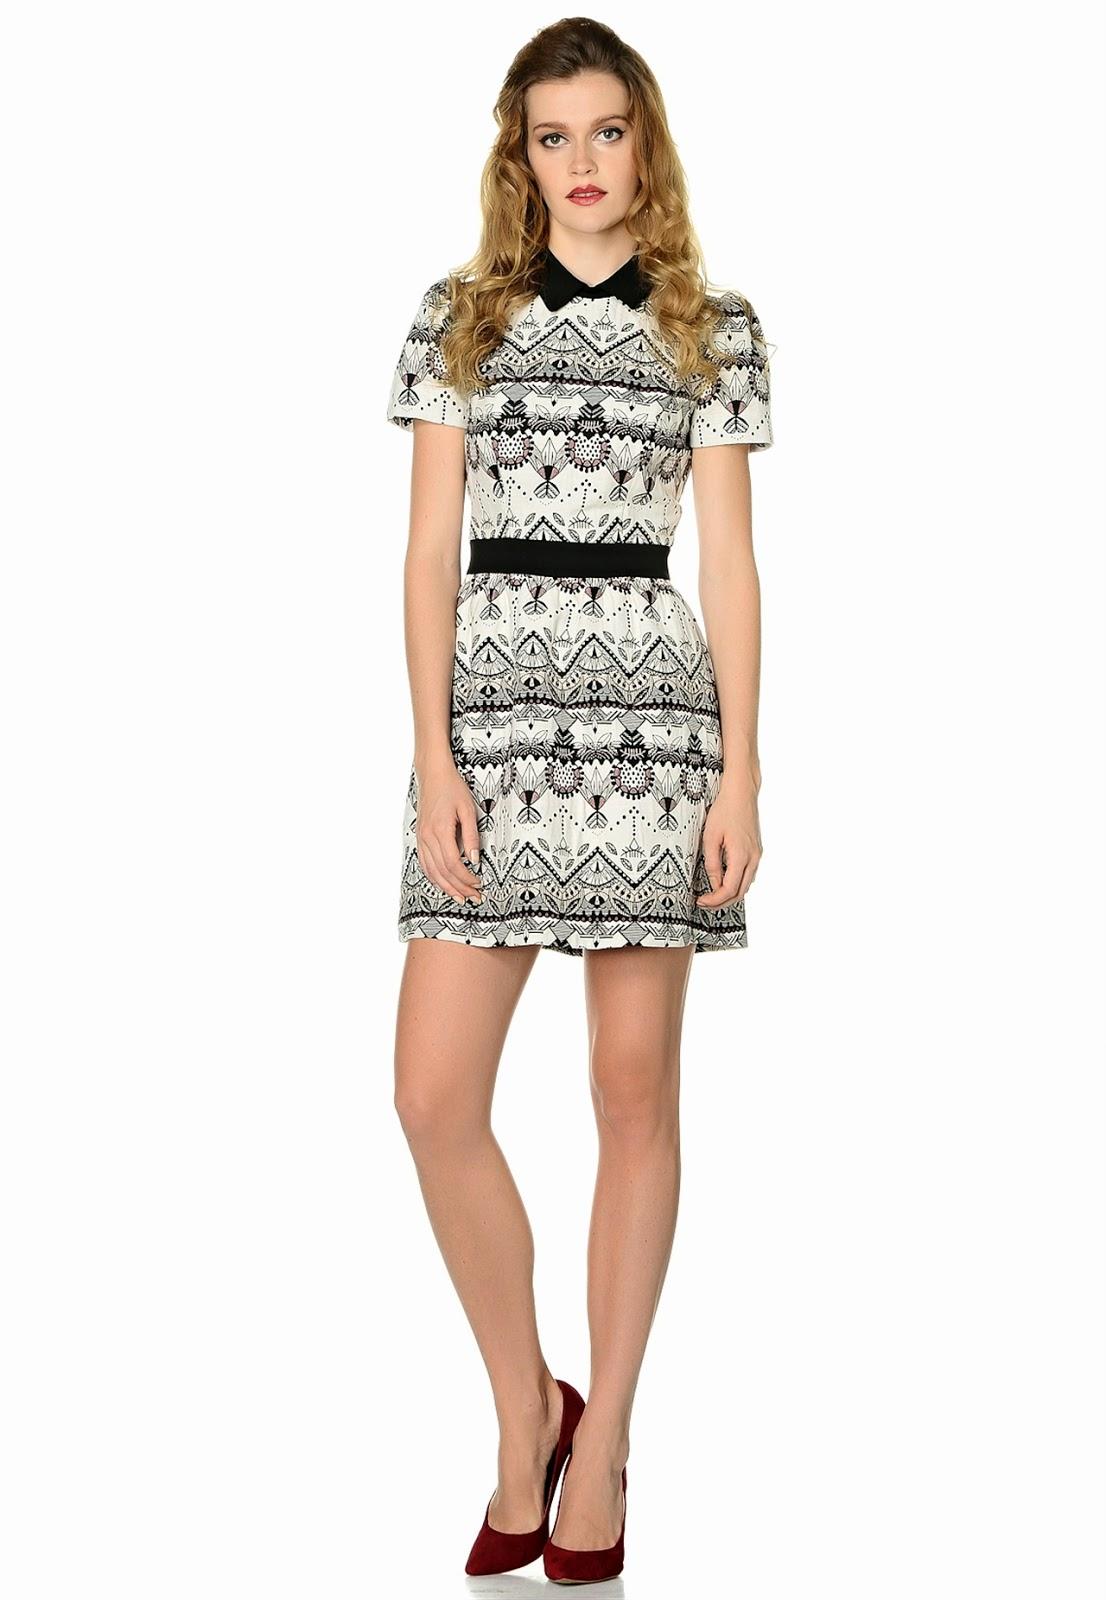 desenli elbise, yazlık elbise, beyaz elbise, 2015 elbise modelleri, adil ışık elbise